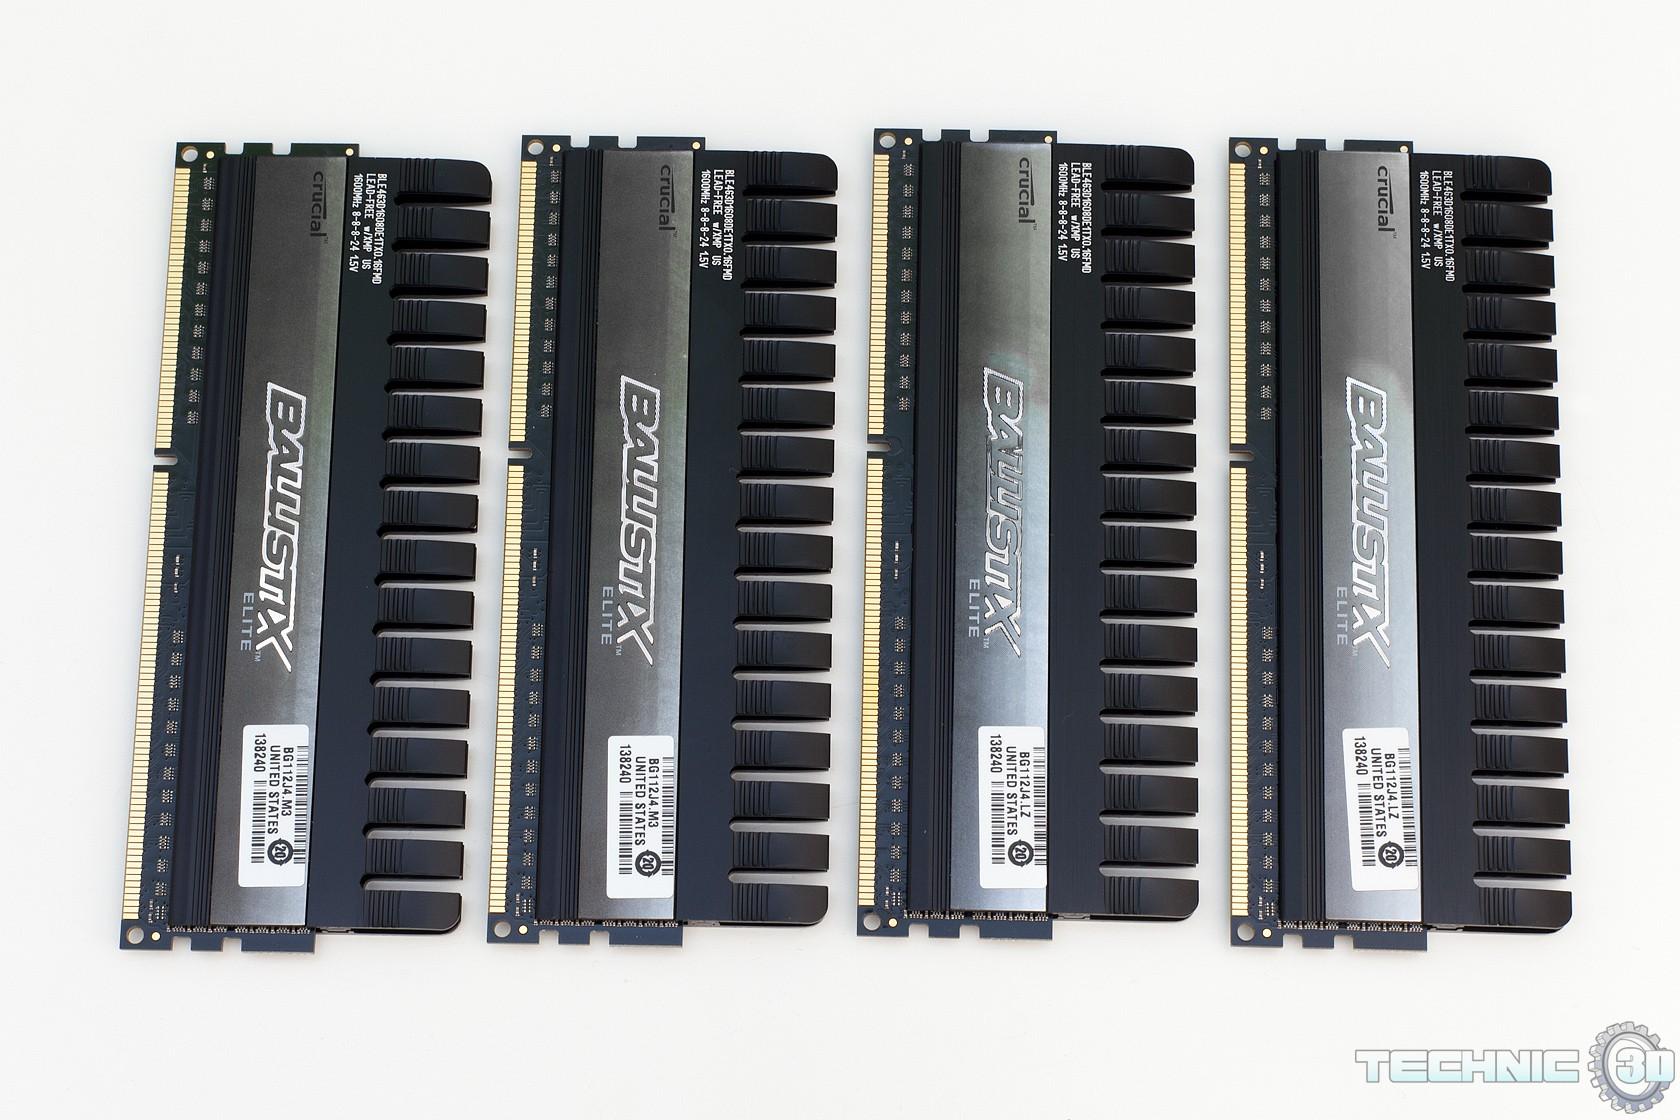 Crucial Ballistix Elite 16GB DDR3 1600 Speicherkit im Test | Review